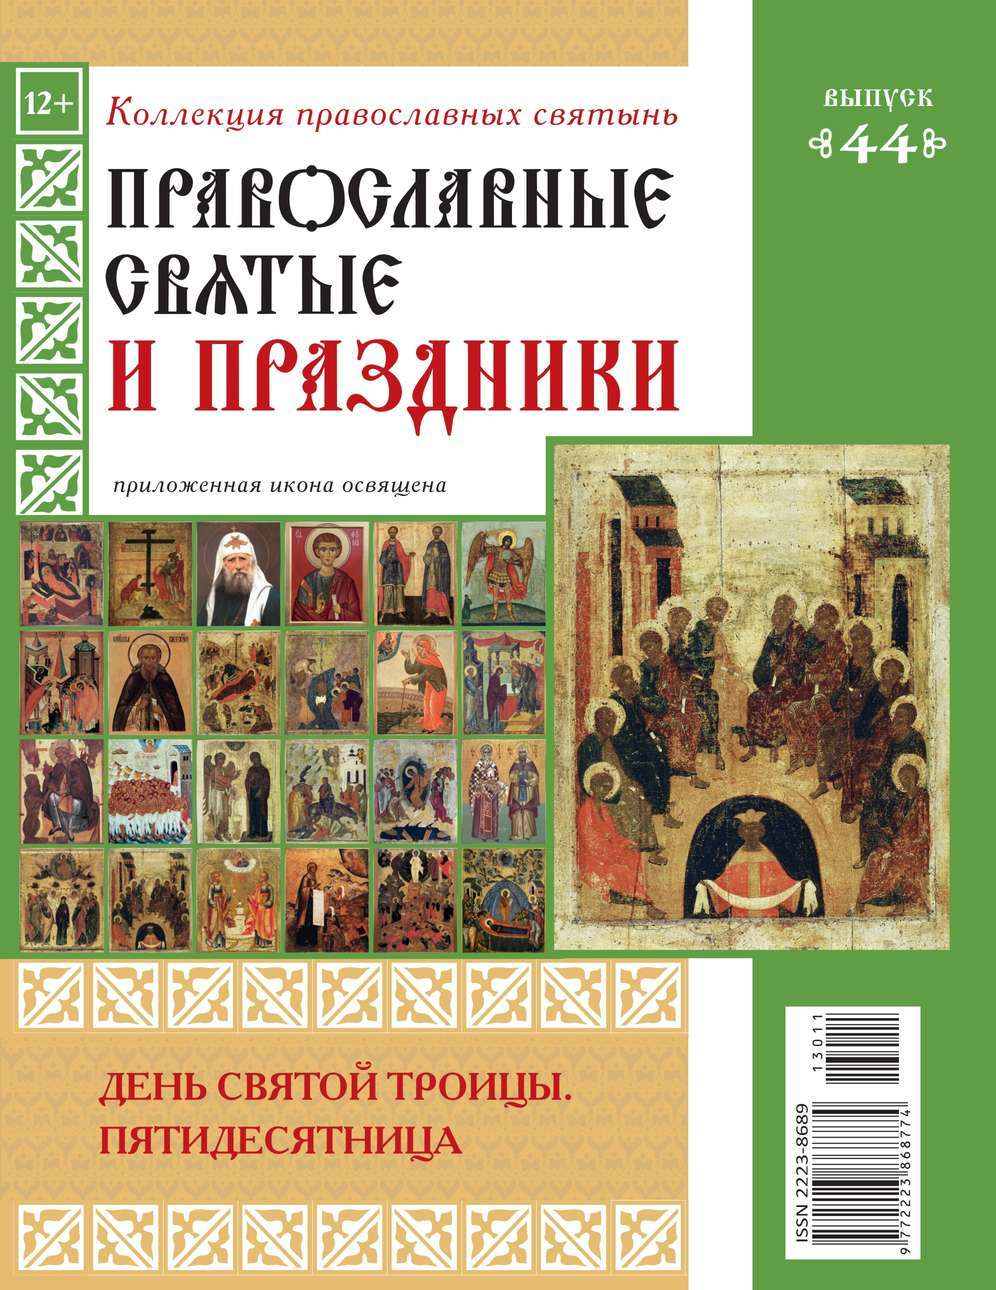 Коллекция Православных Святынь 44